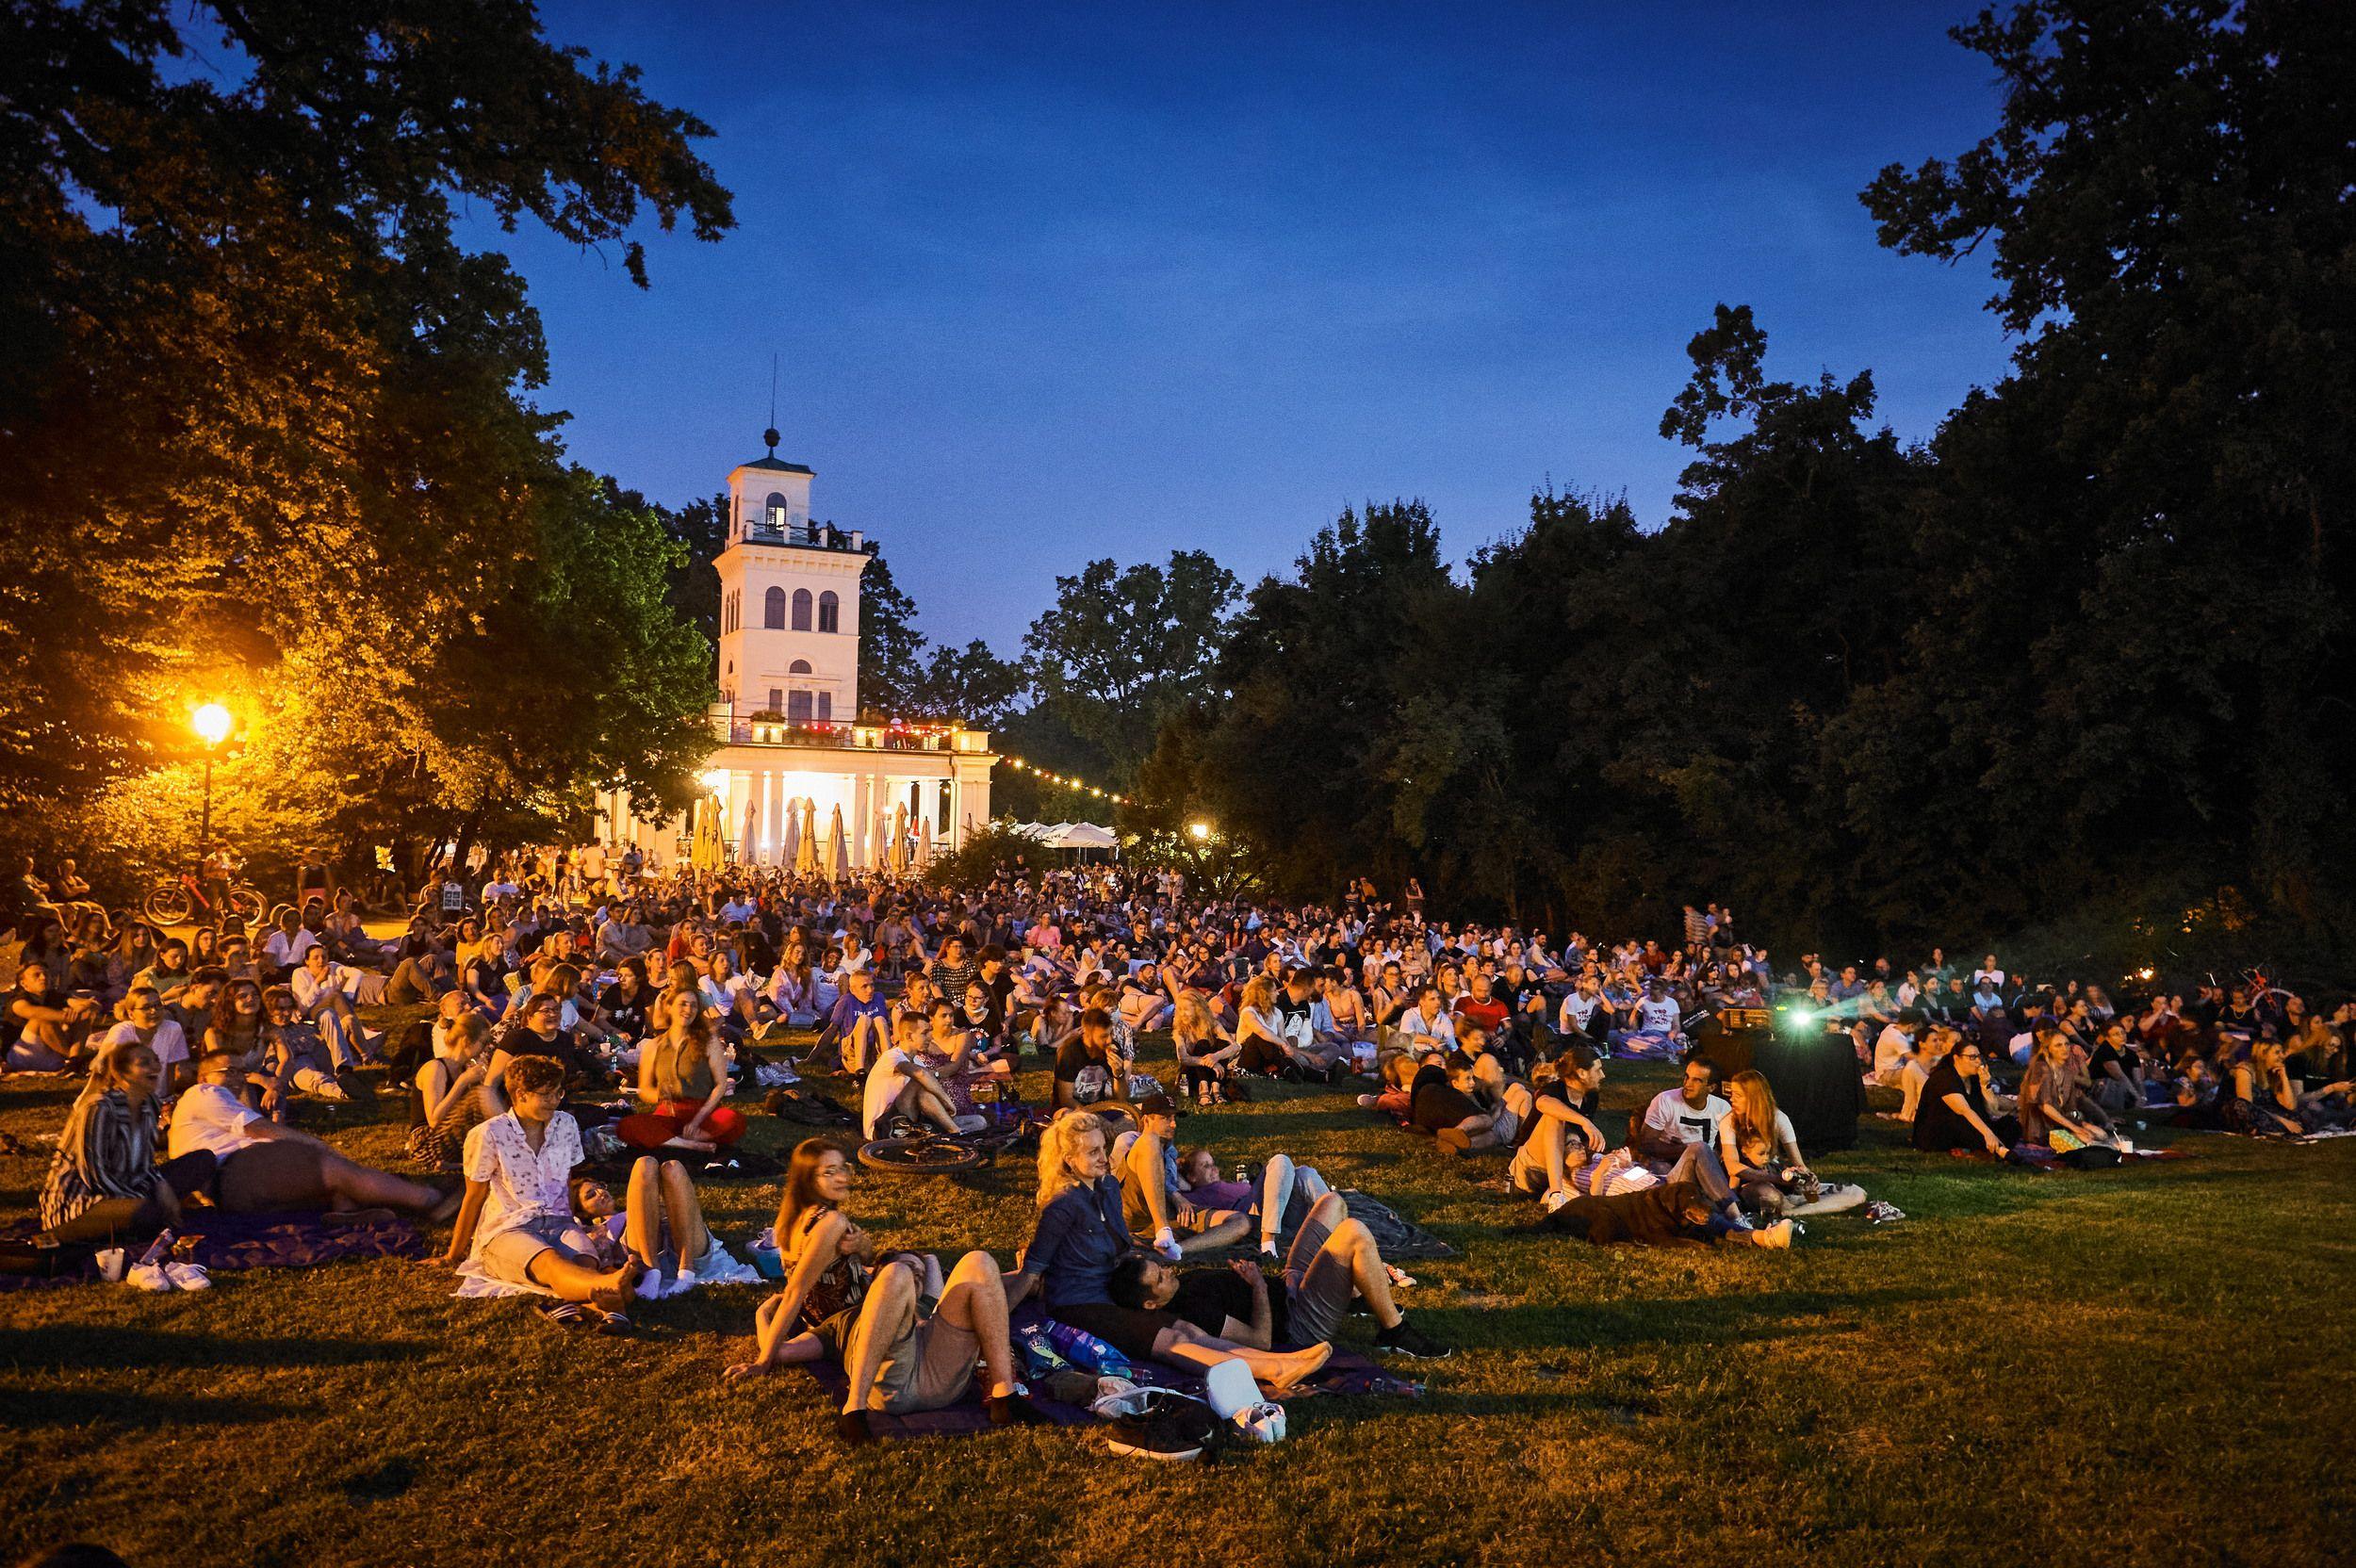 Pogledajte kako je bilo na omiljenom zagrebačkom festivalu